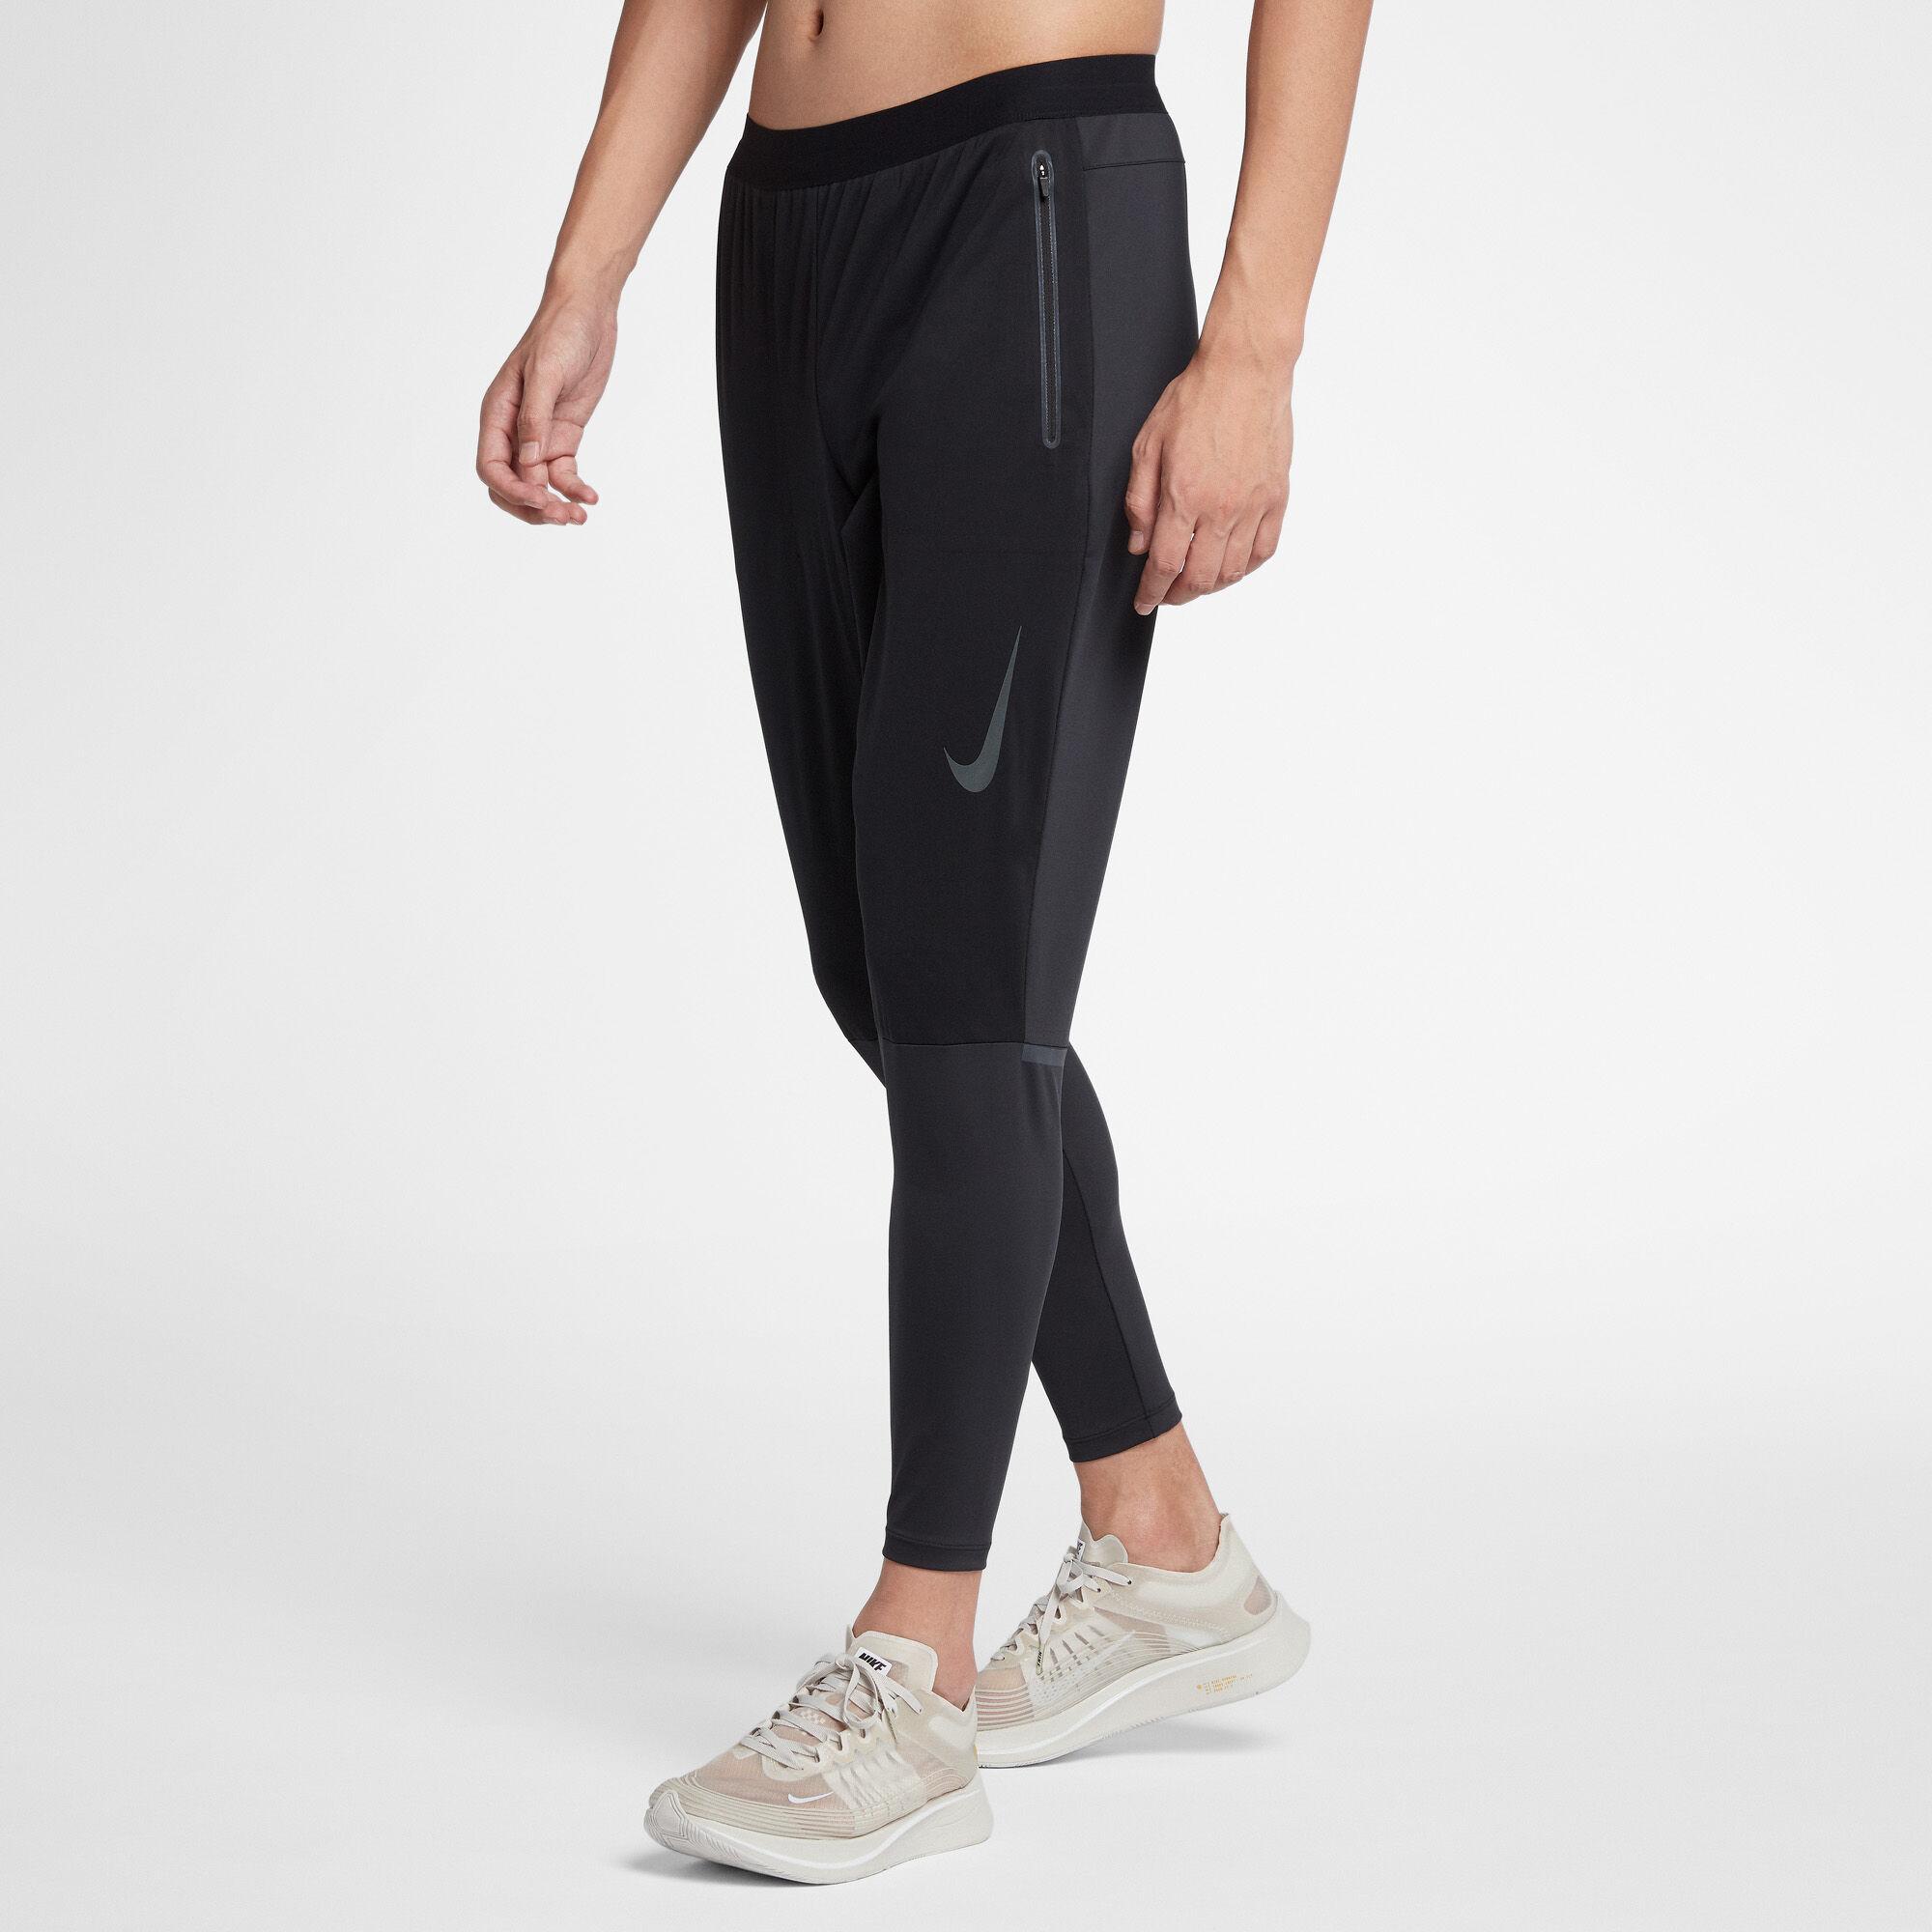 Van Hardloopkleding Nike Interport Bij Kopen g6wqXf